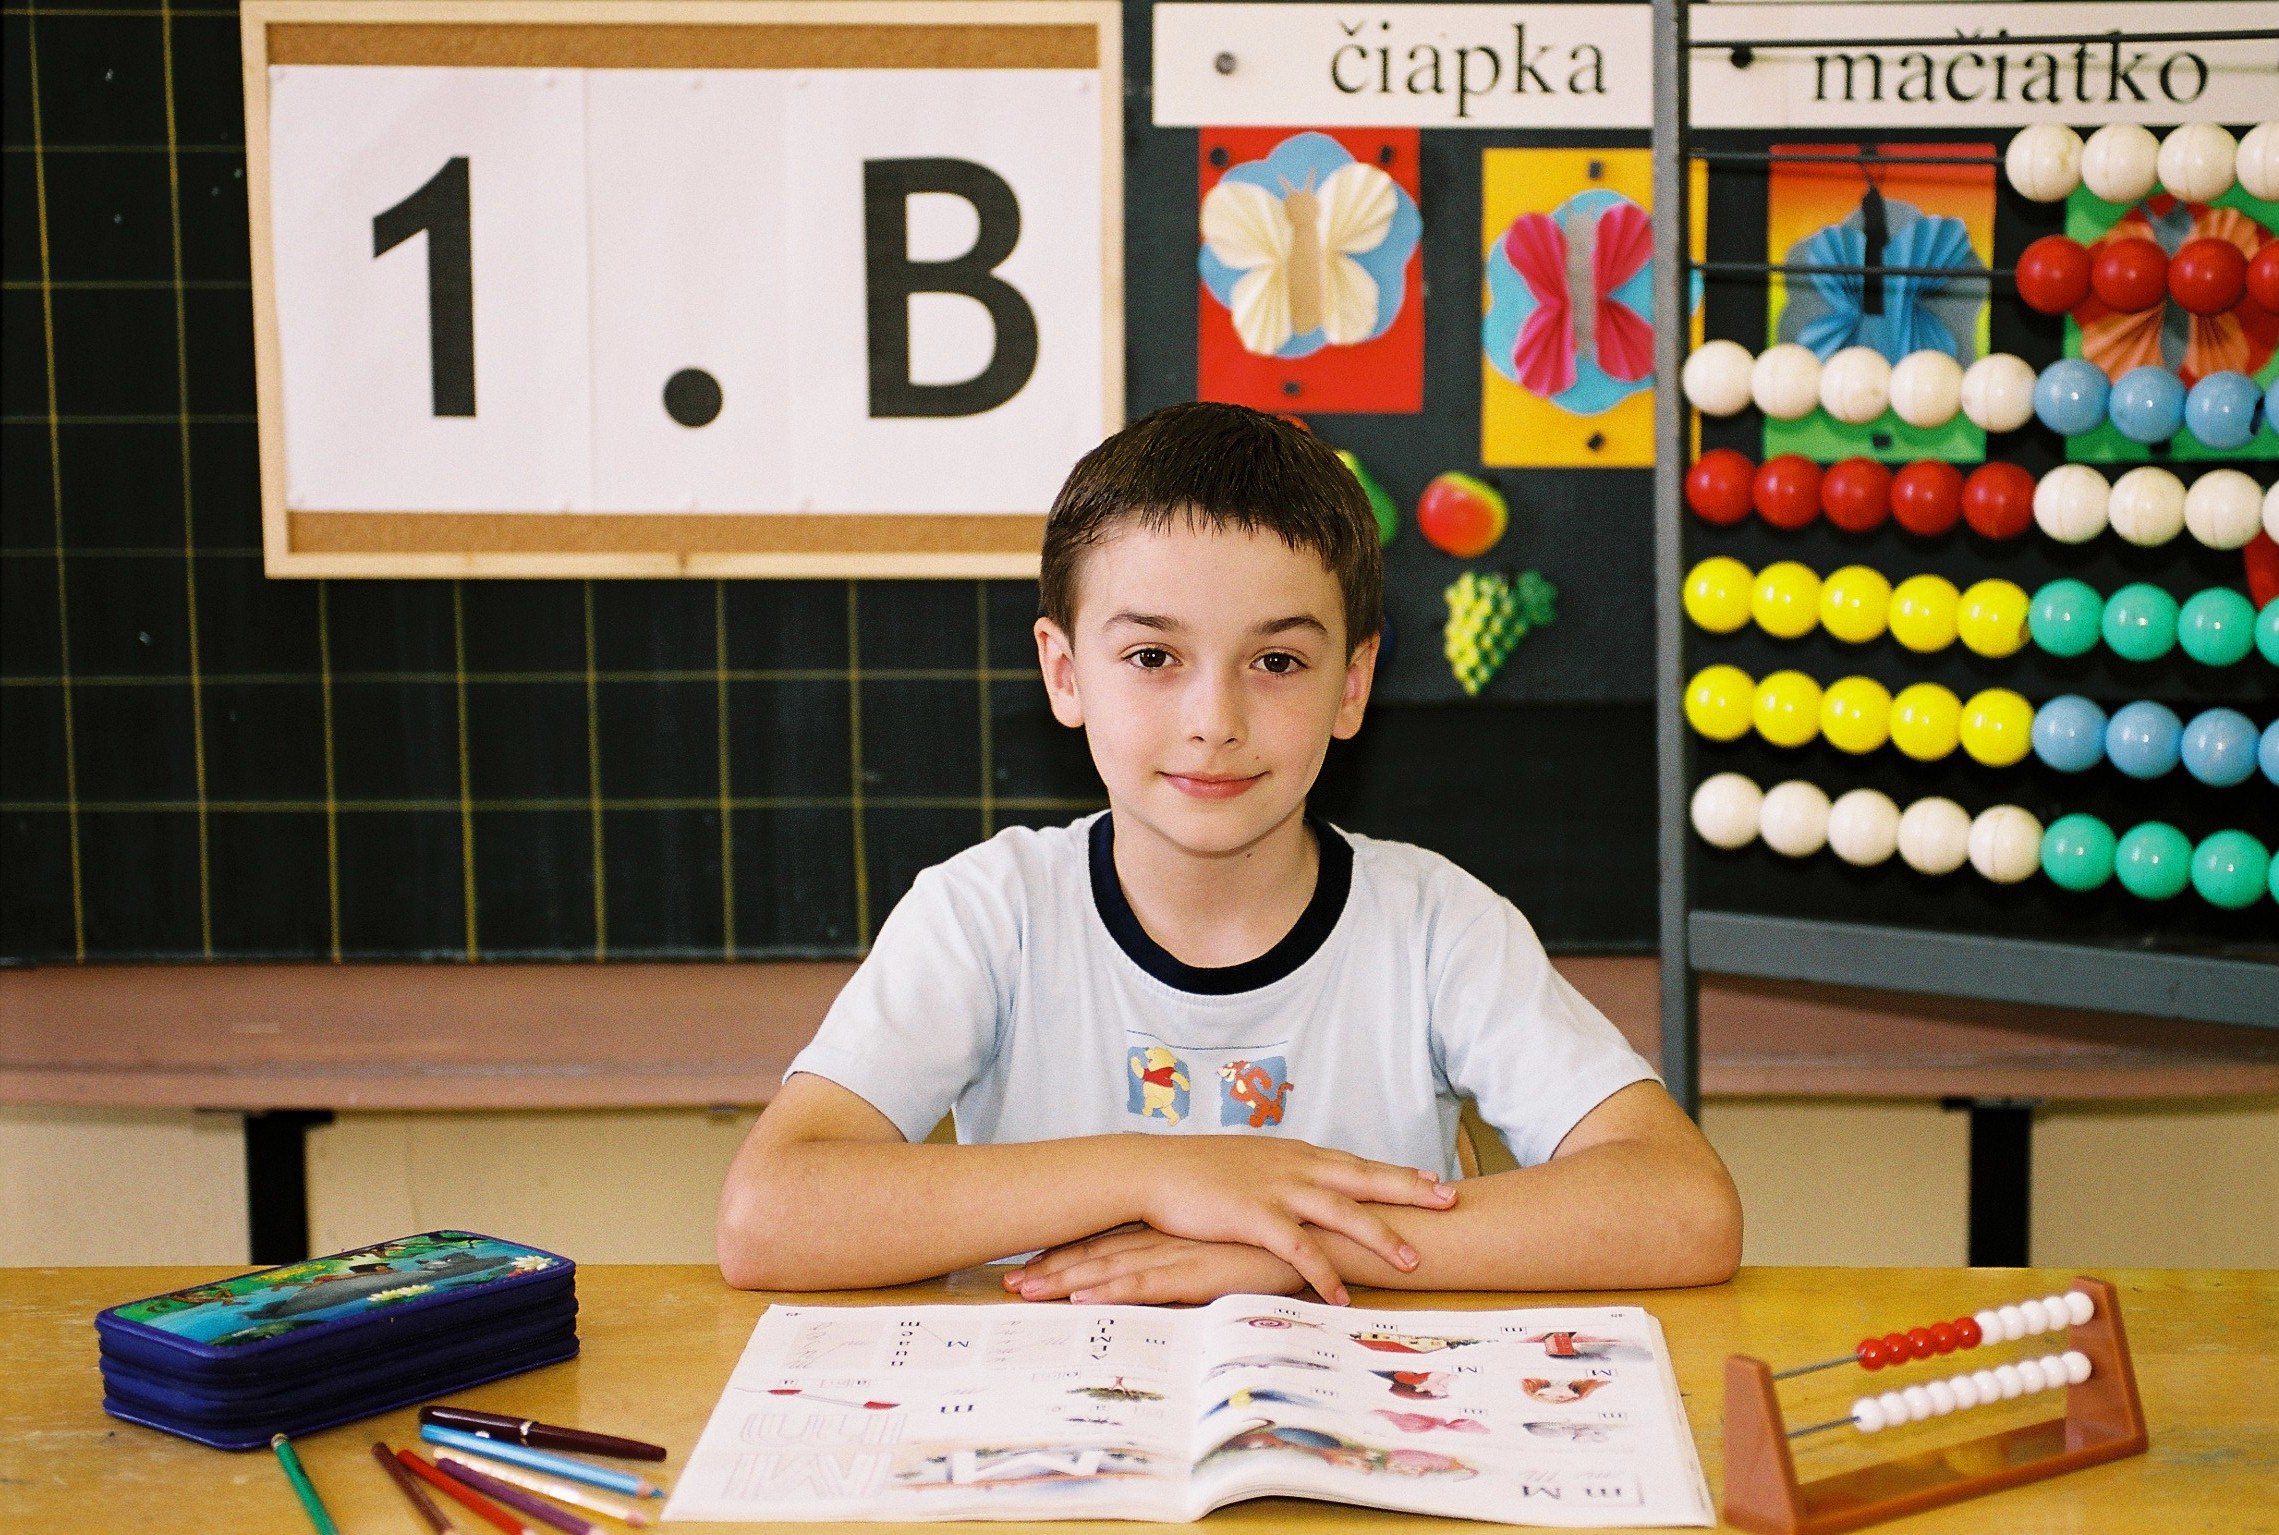 Fotografie naších prvákov 2005/2006